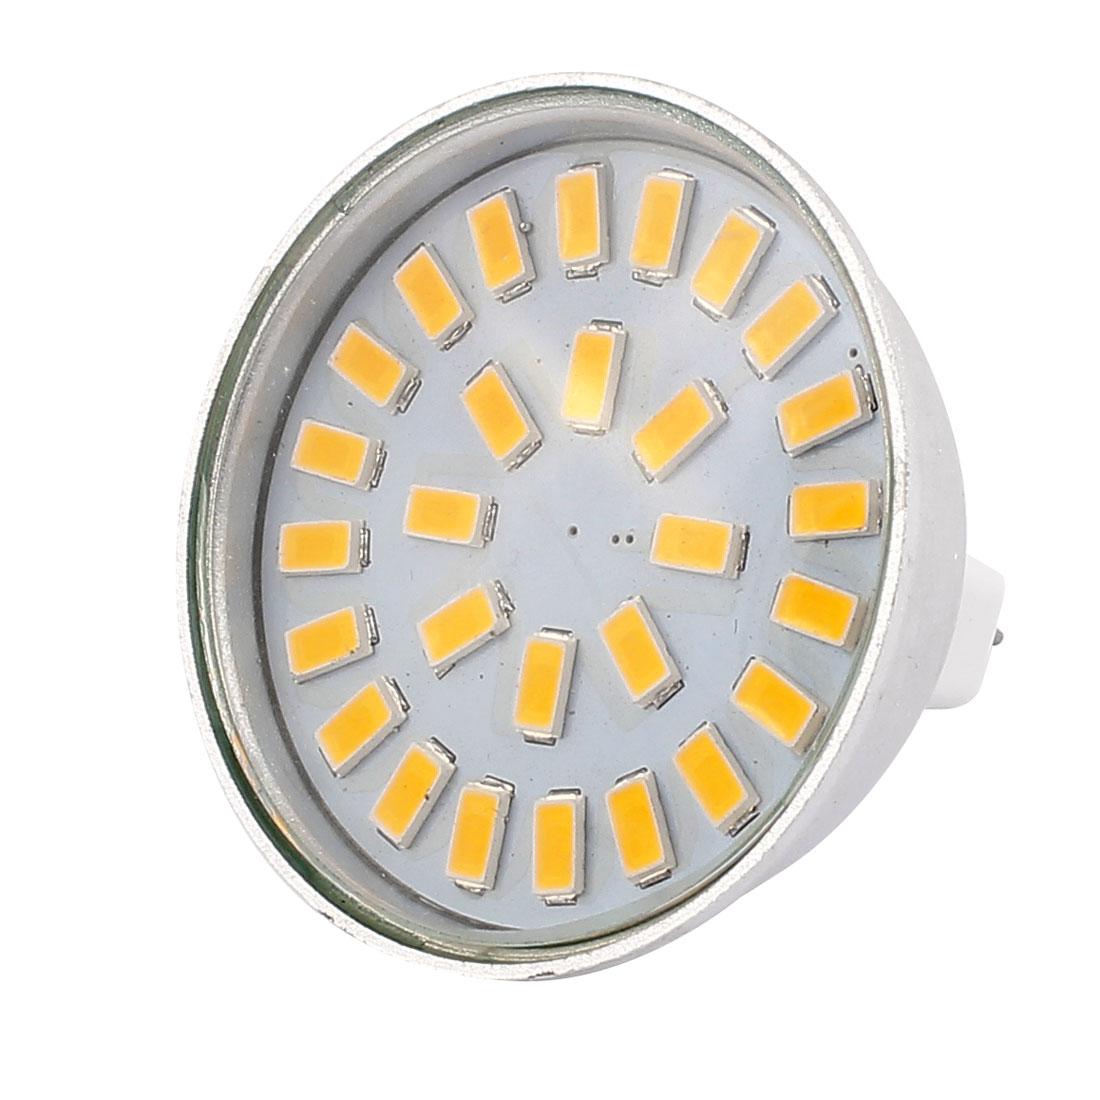 220V-240V 5W MR16 5730 SMD 28 LEDs LED Bulb Light Spotlight Lamp Energy Save Warm White